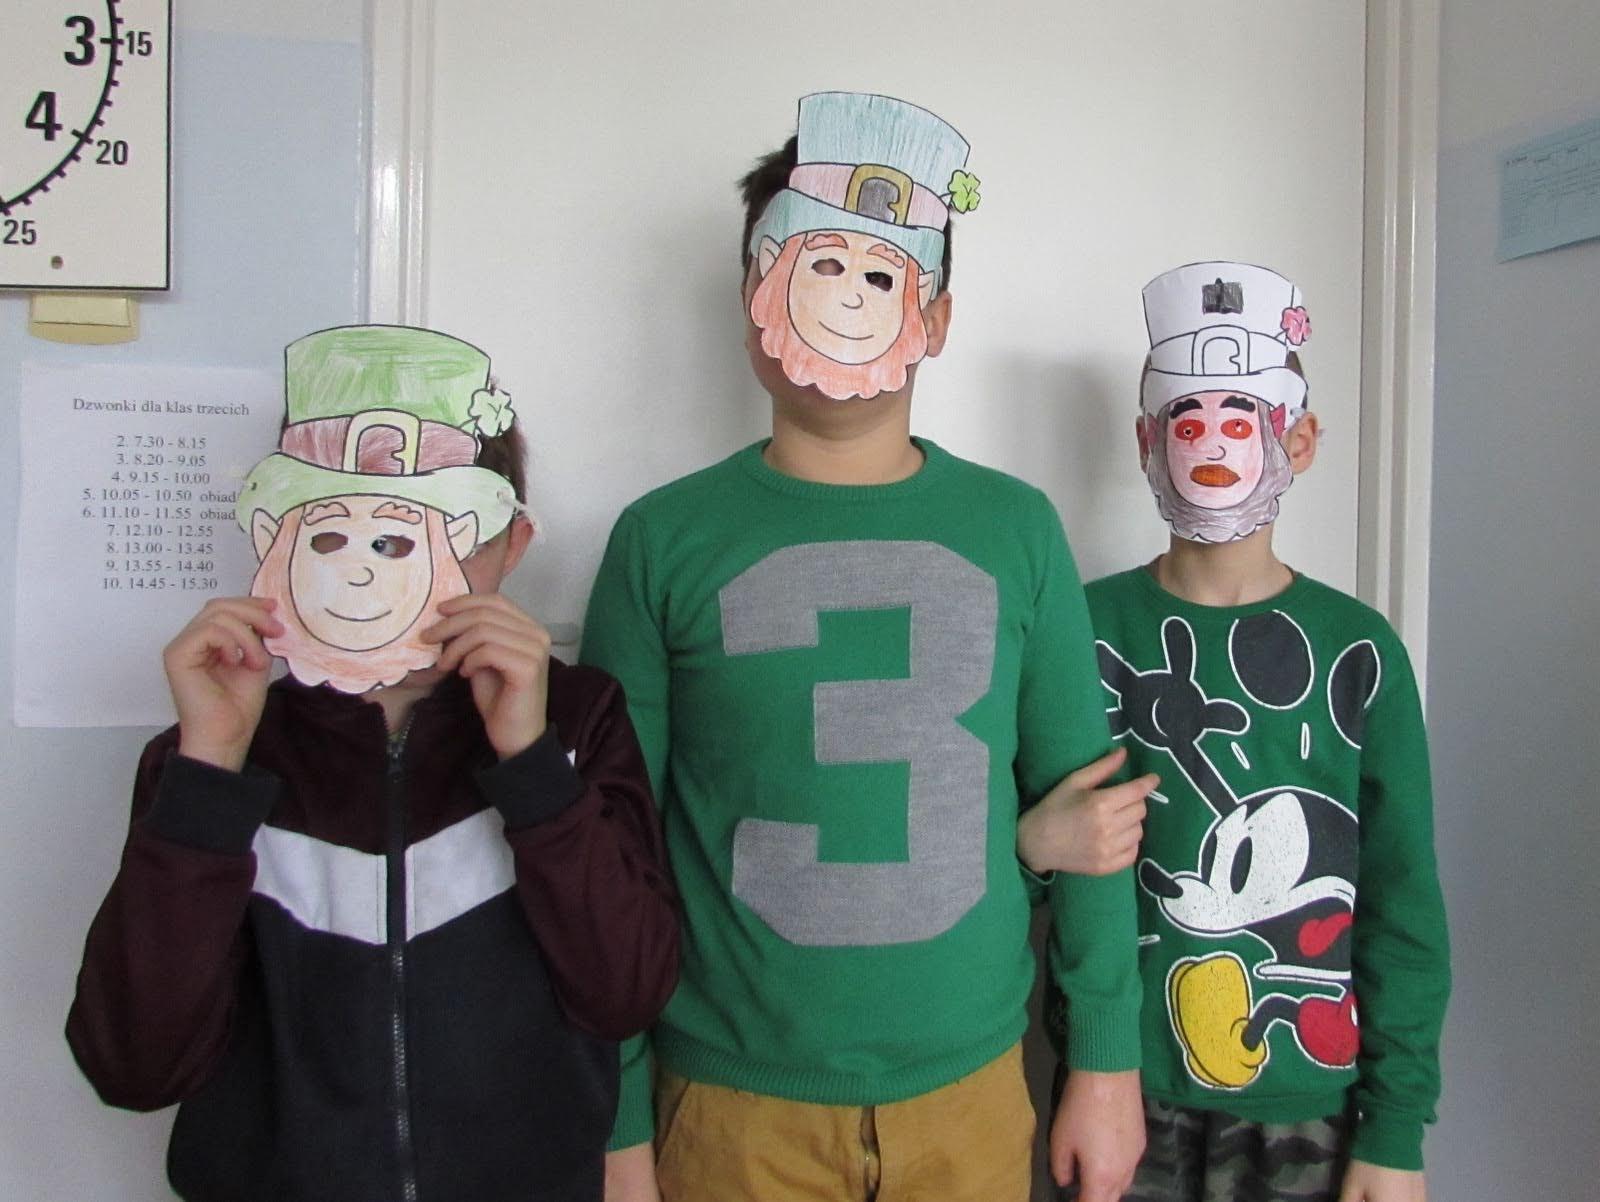 Chłopcy ubrani na zielono, na twarzy mają maski skrzata Leprechaun.